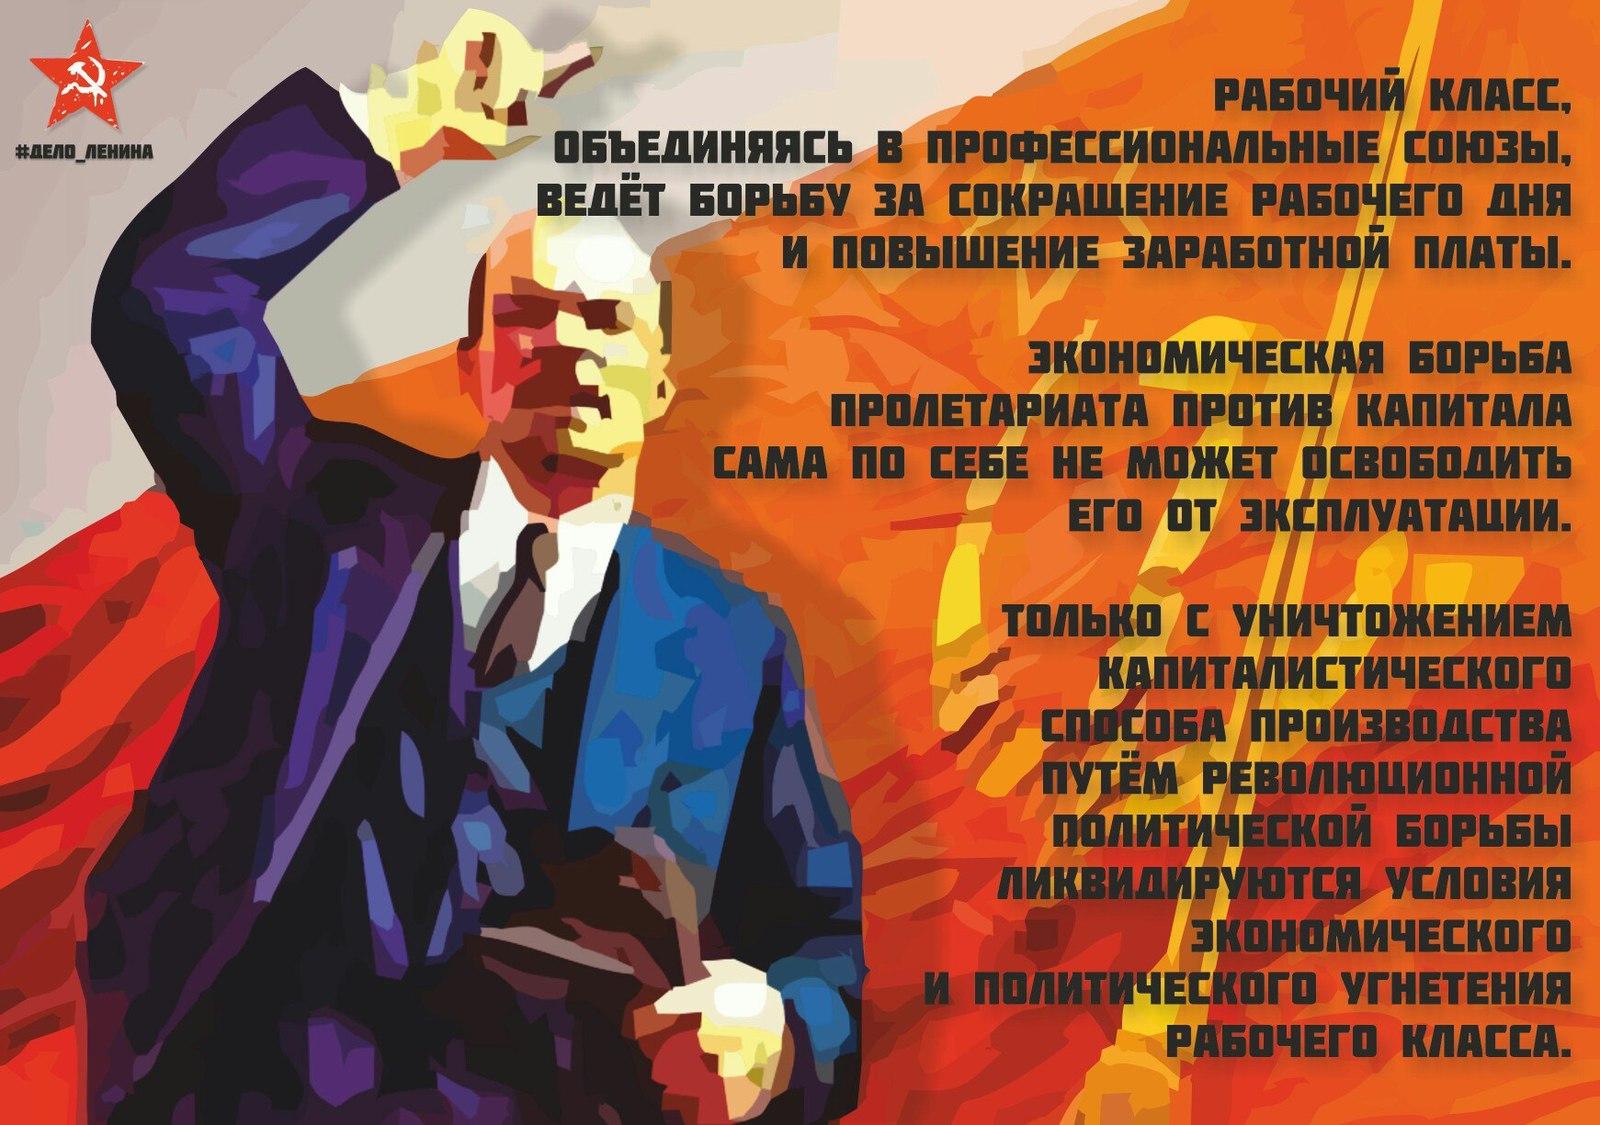 пролетариат это наемн рабочие